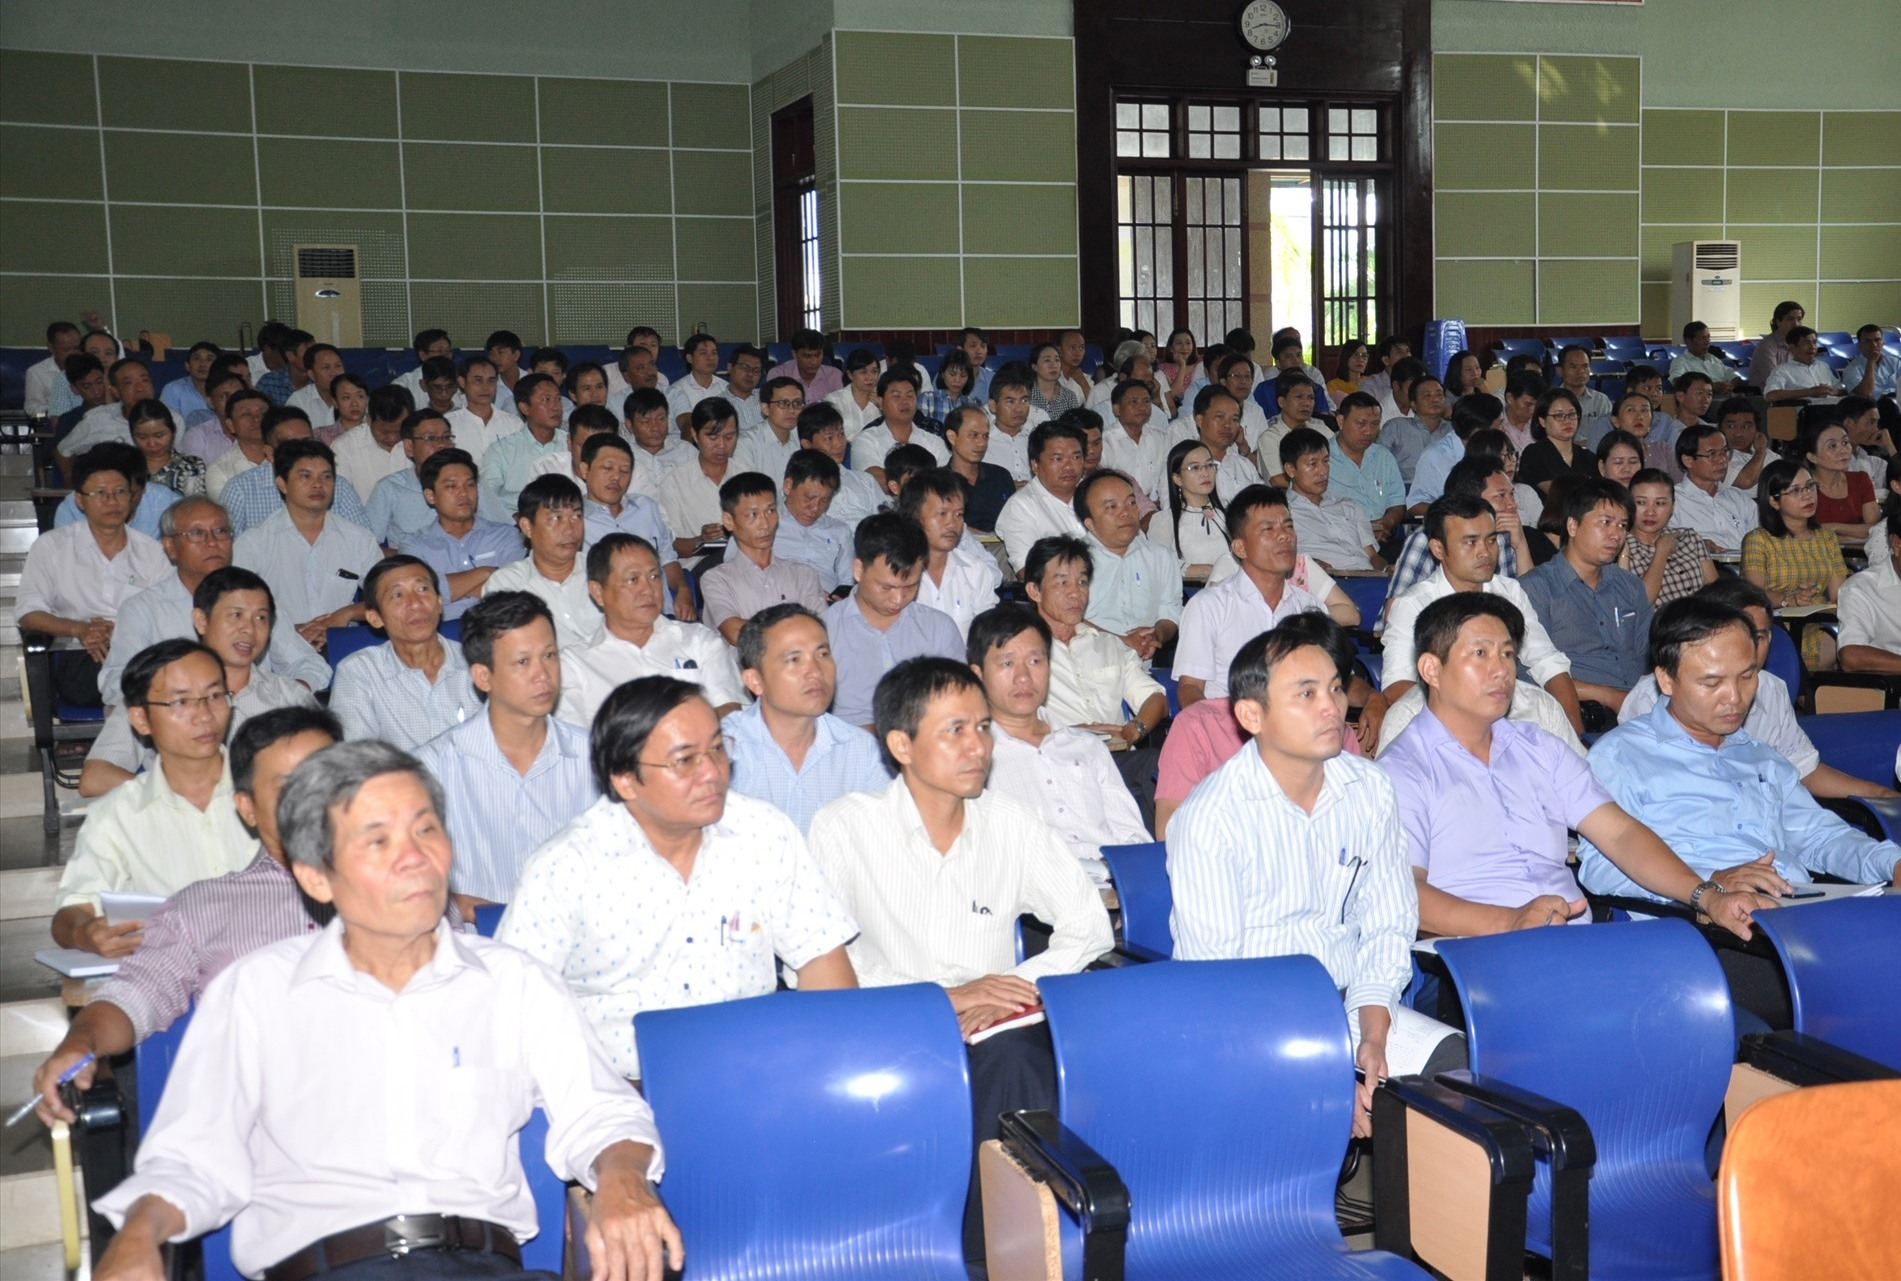 Hội nghị tập huấn nghiệp vụ thi rất quan trọng quyết định đến sự thành công của tổ chức kỳ thi. Ảnh: X.P